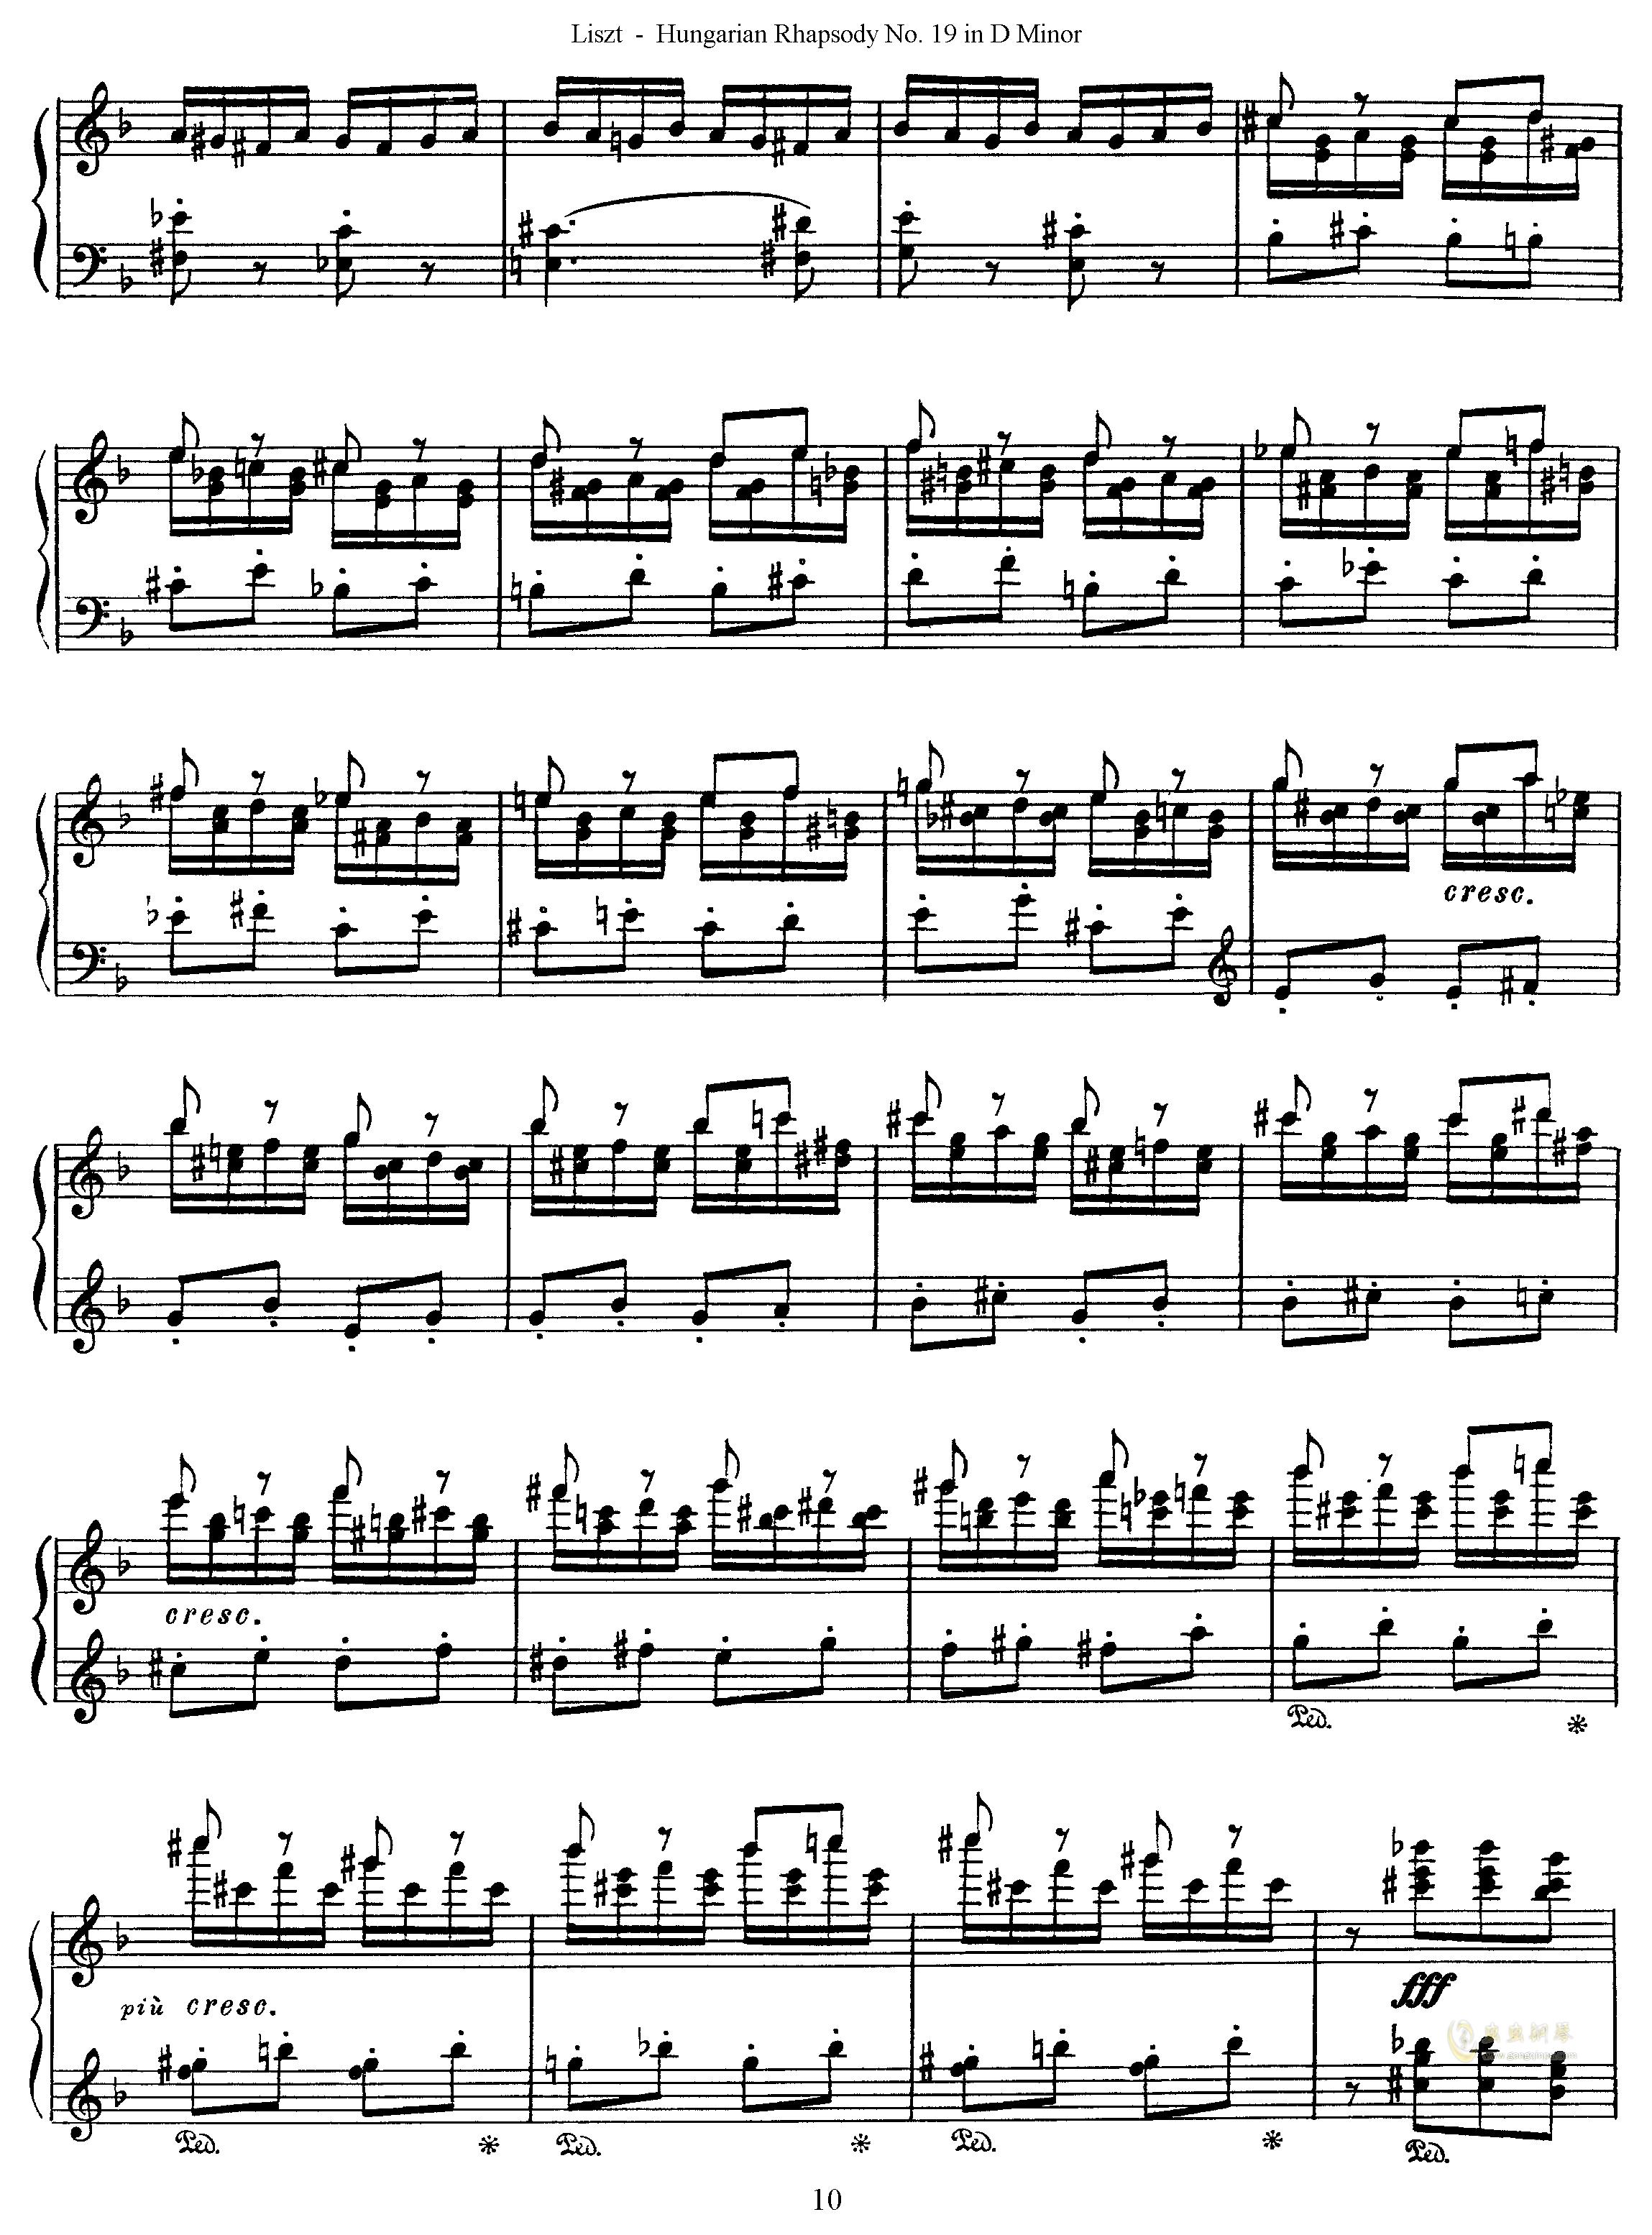 匈牙利狂想曲第19号钢琴谱 第10页